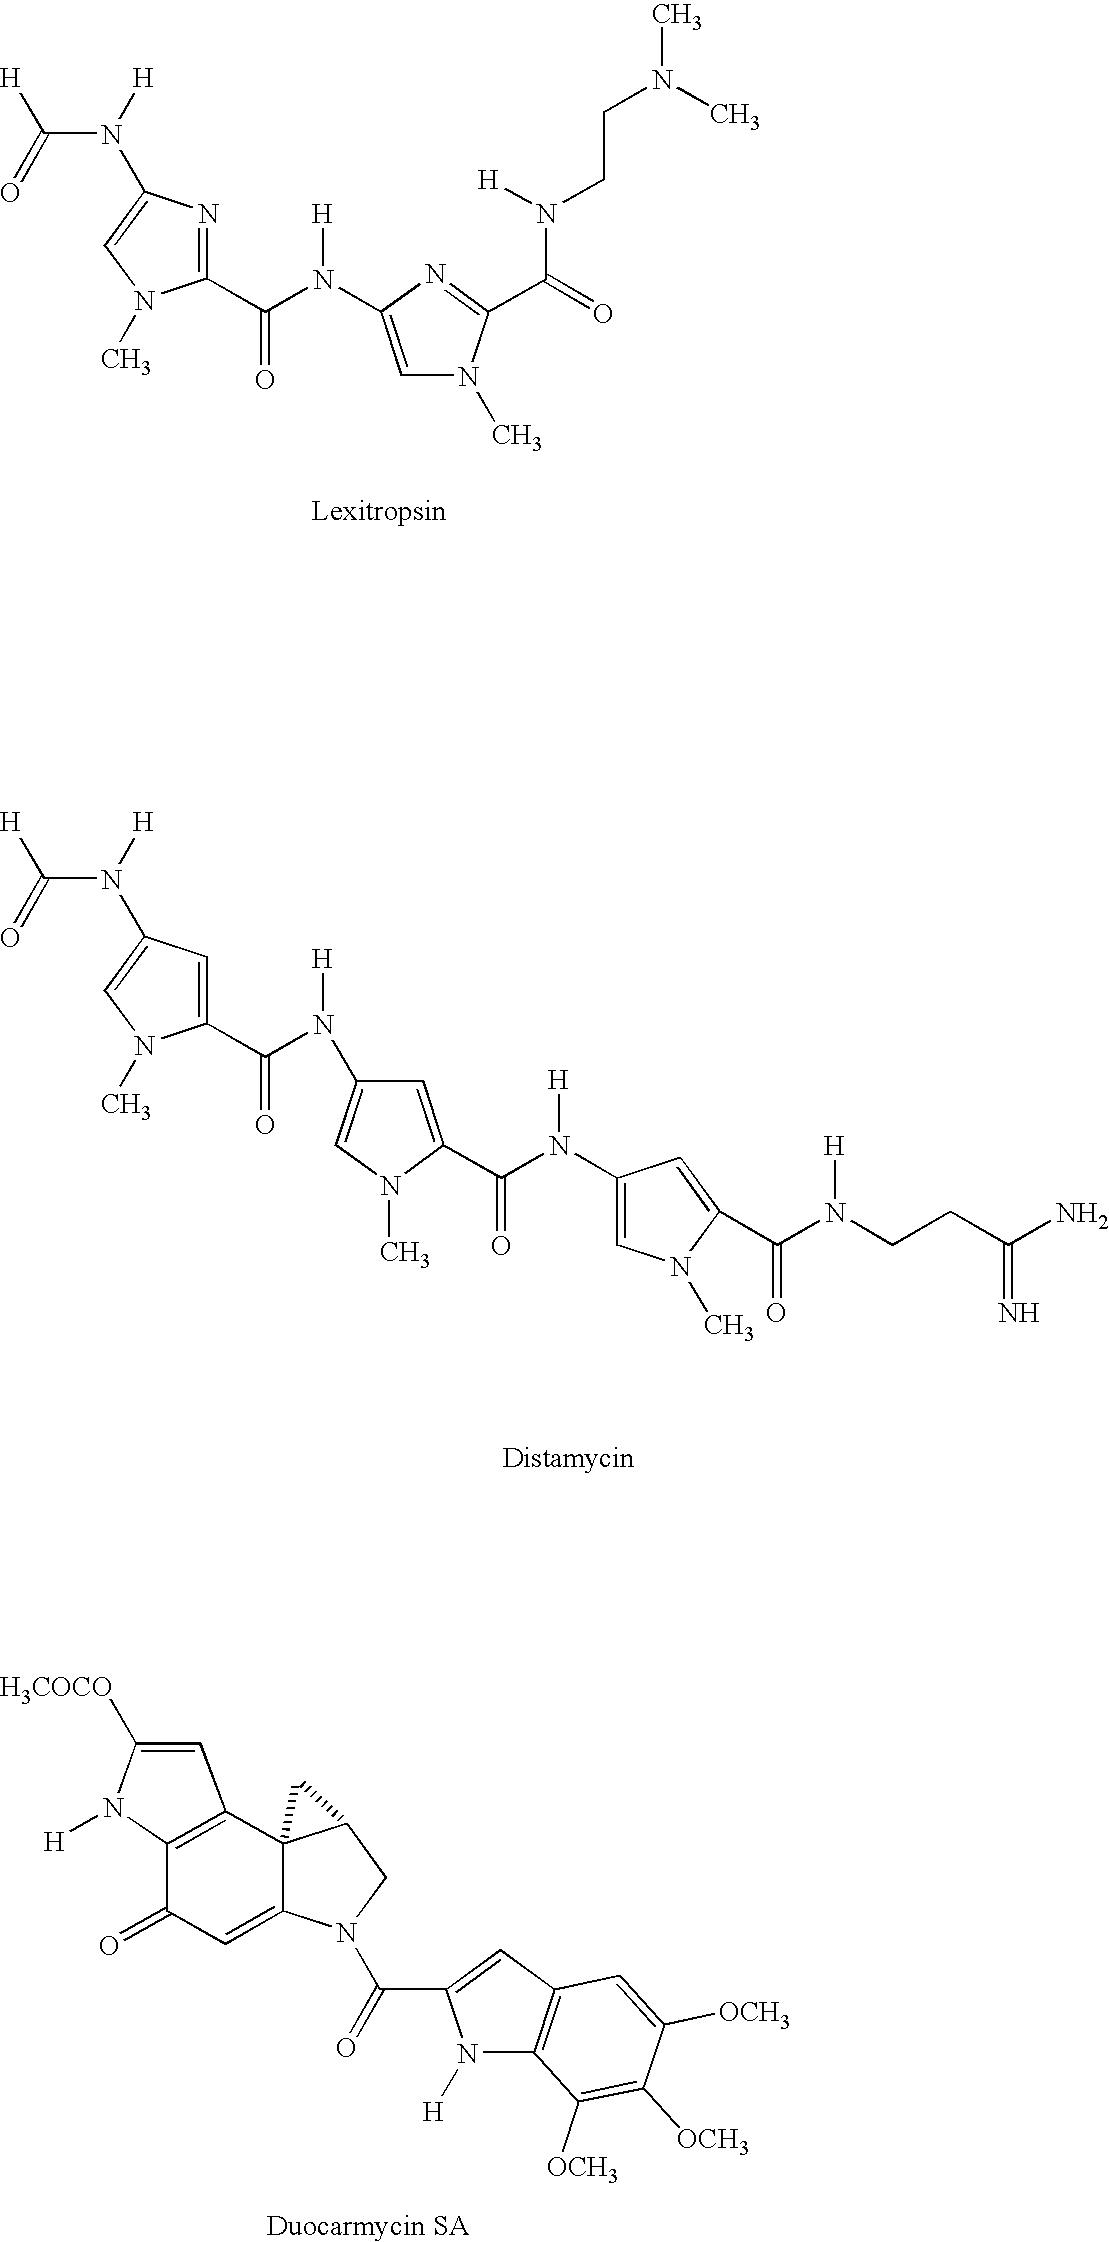 Figure US07556923-20090707-C00002